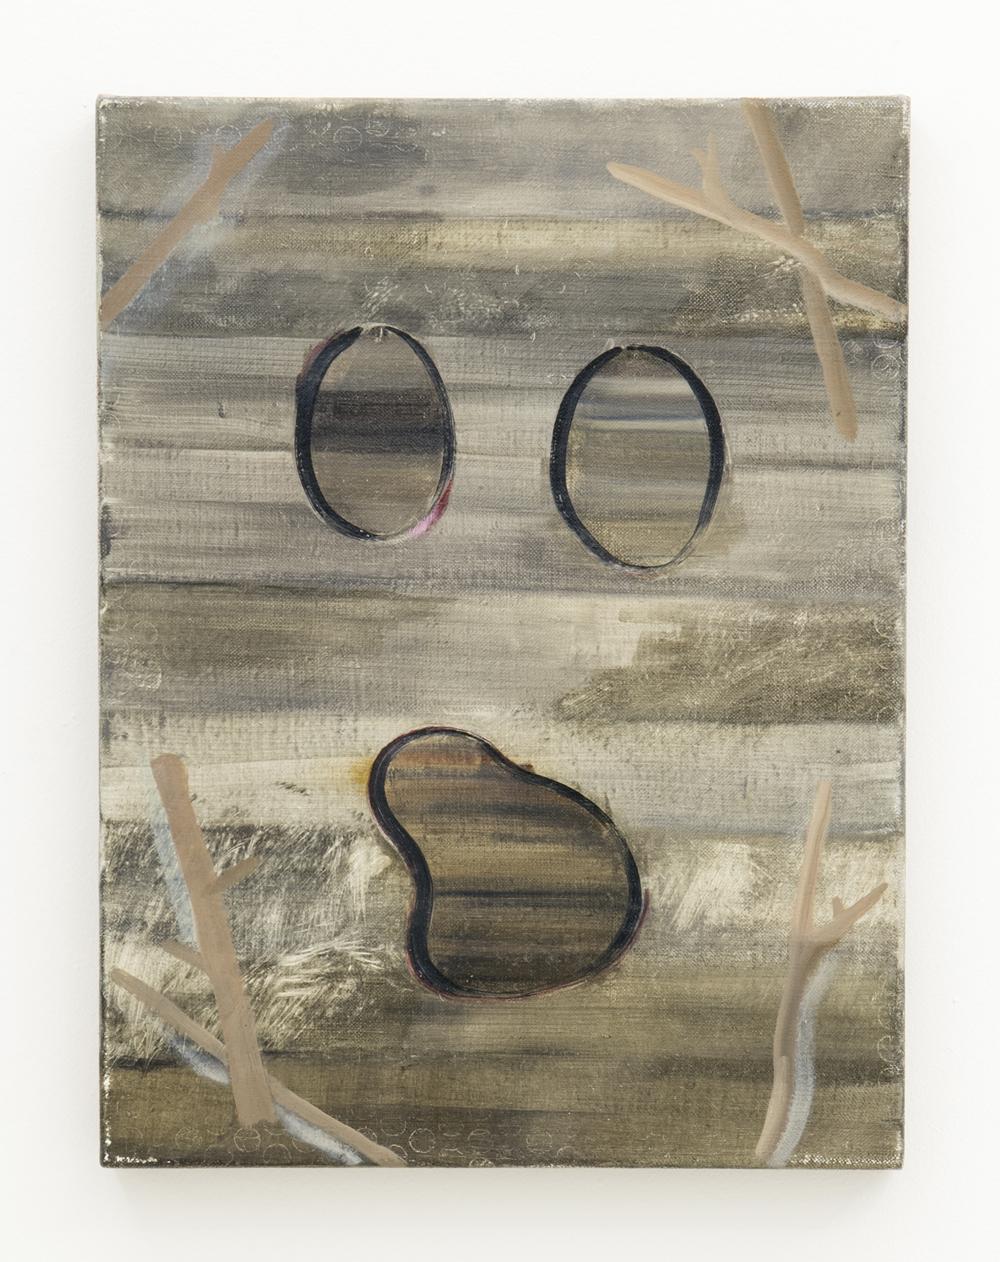 Benjamin Brett, Inside / Outside ,2013,Oil on linen,35 x 30 cm